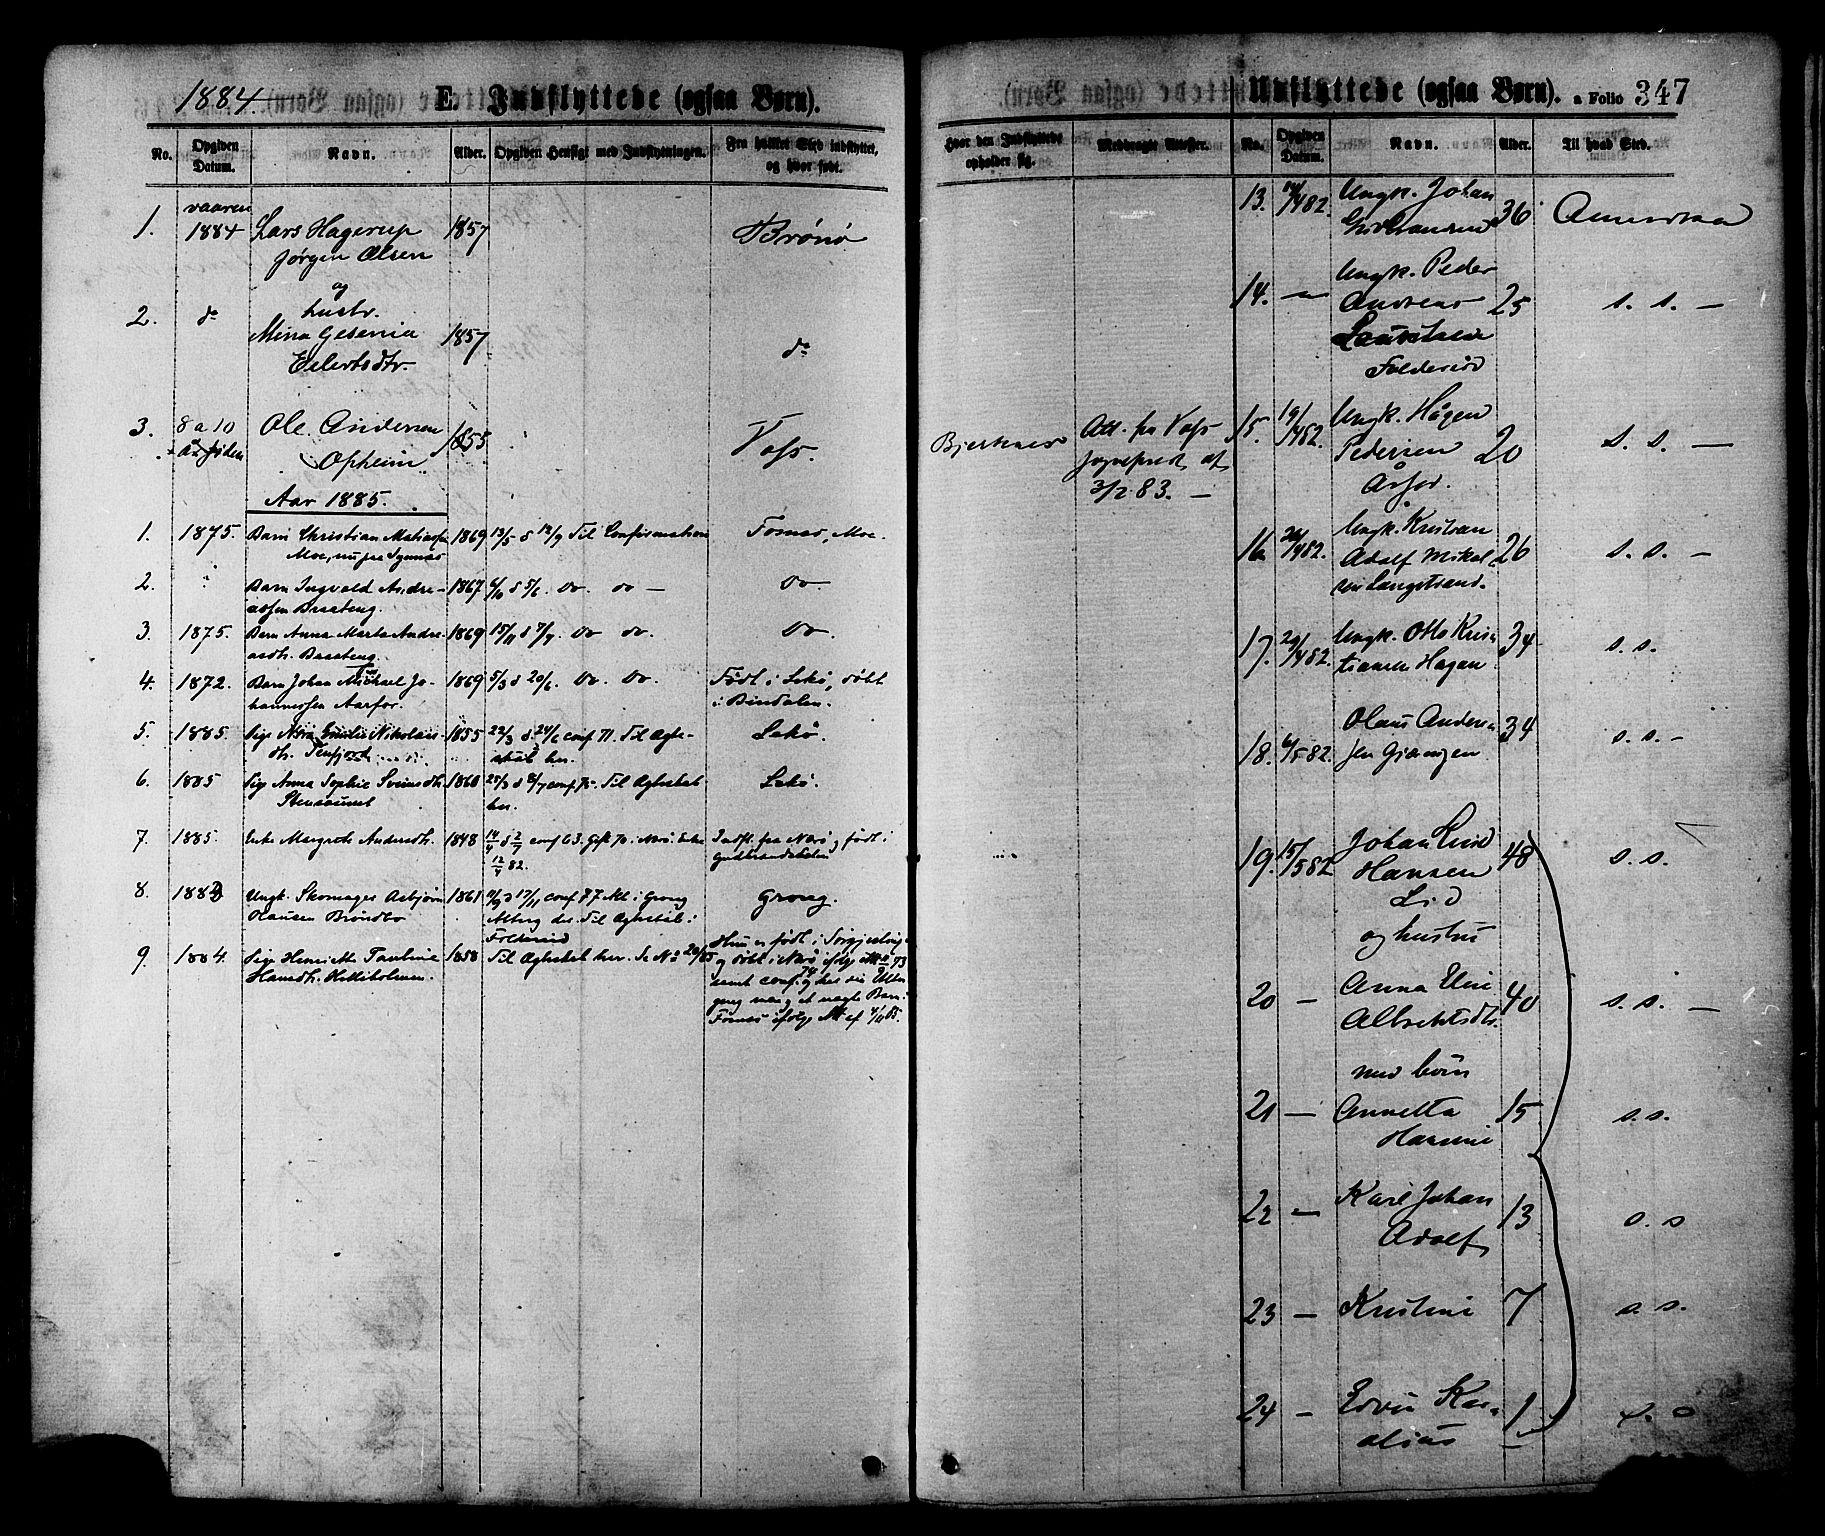 SAT, Ministerialprotokoller, klokkerbøker og fødselsregistre - Nord-Trøndelag, 780/L0642: Ministerialbok nr. 780A07 /1, 1874-1885, s. 347